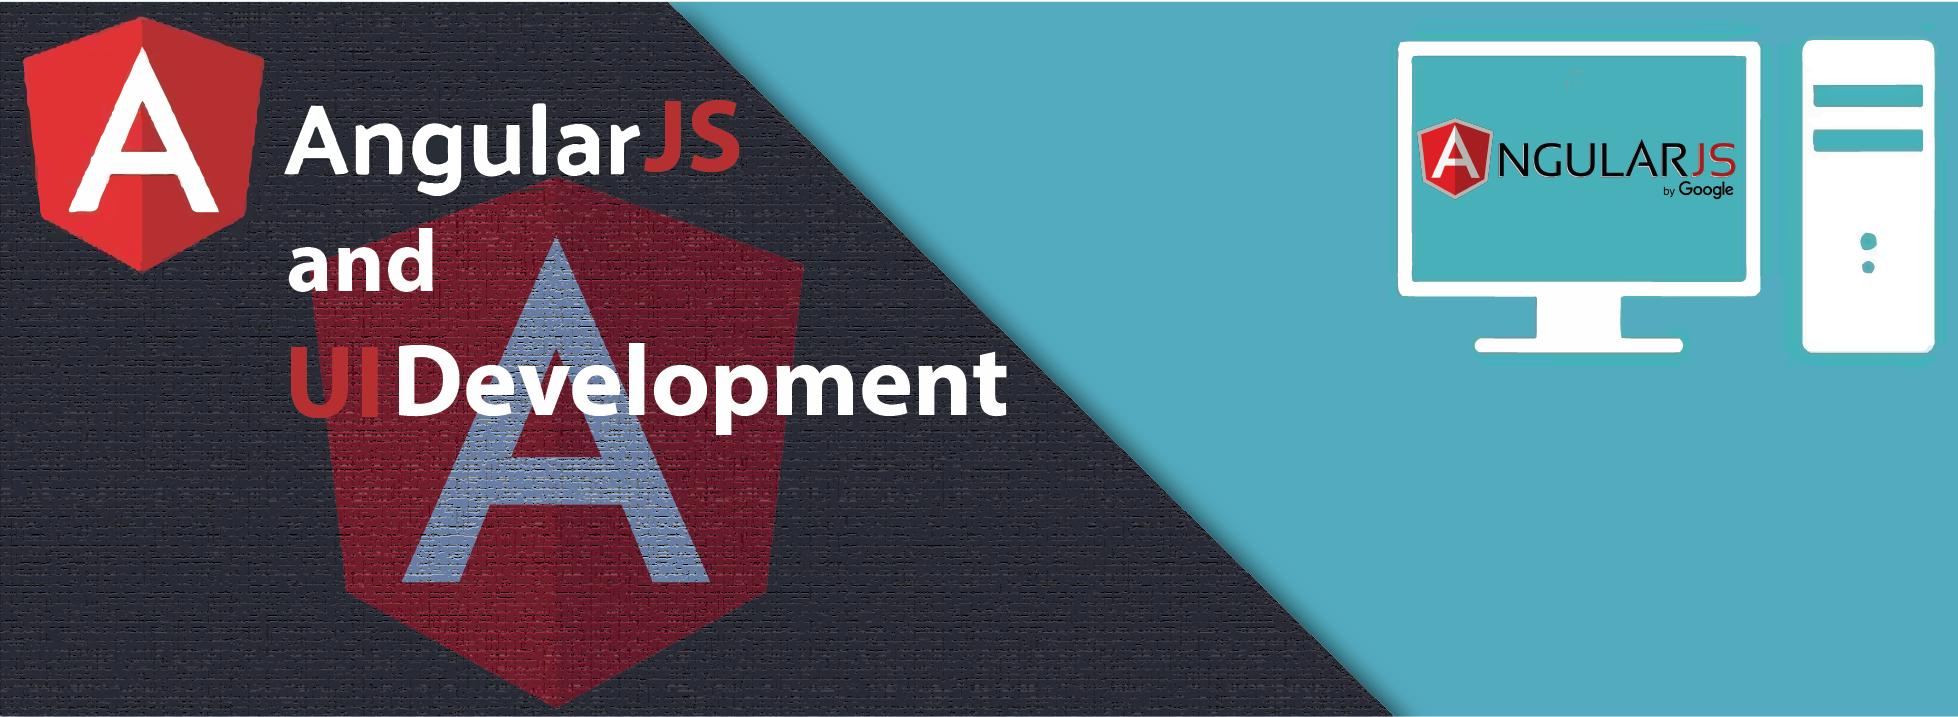 UI-Developer-AngularJS-Training-in-Delhi-NCR